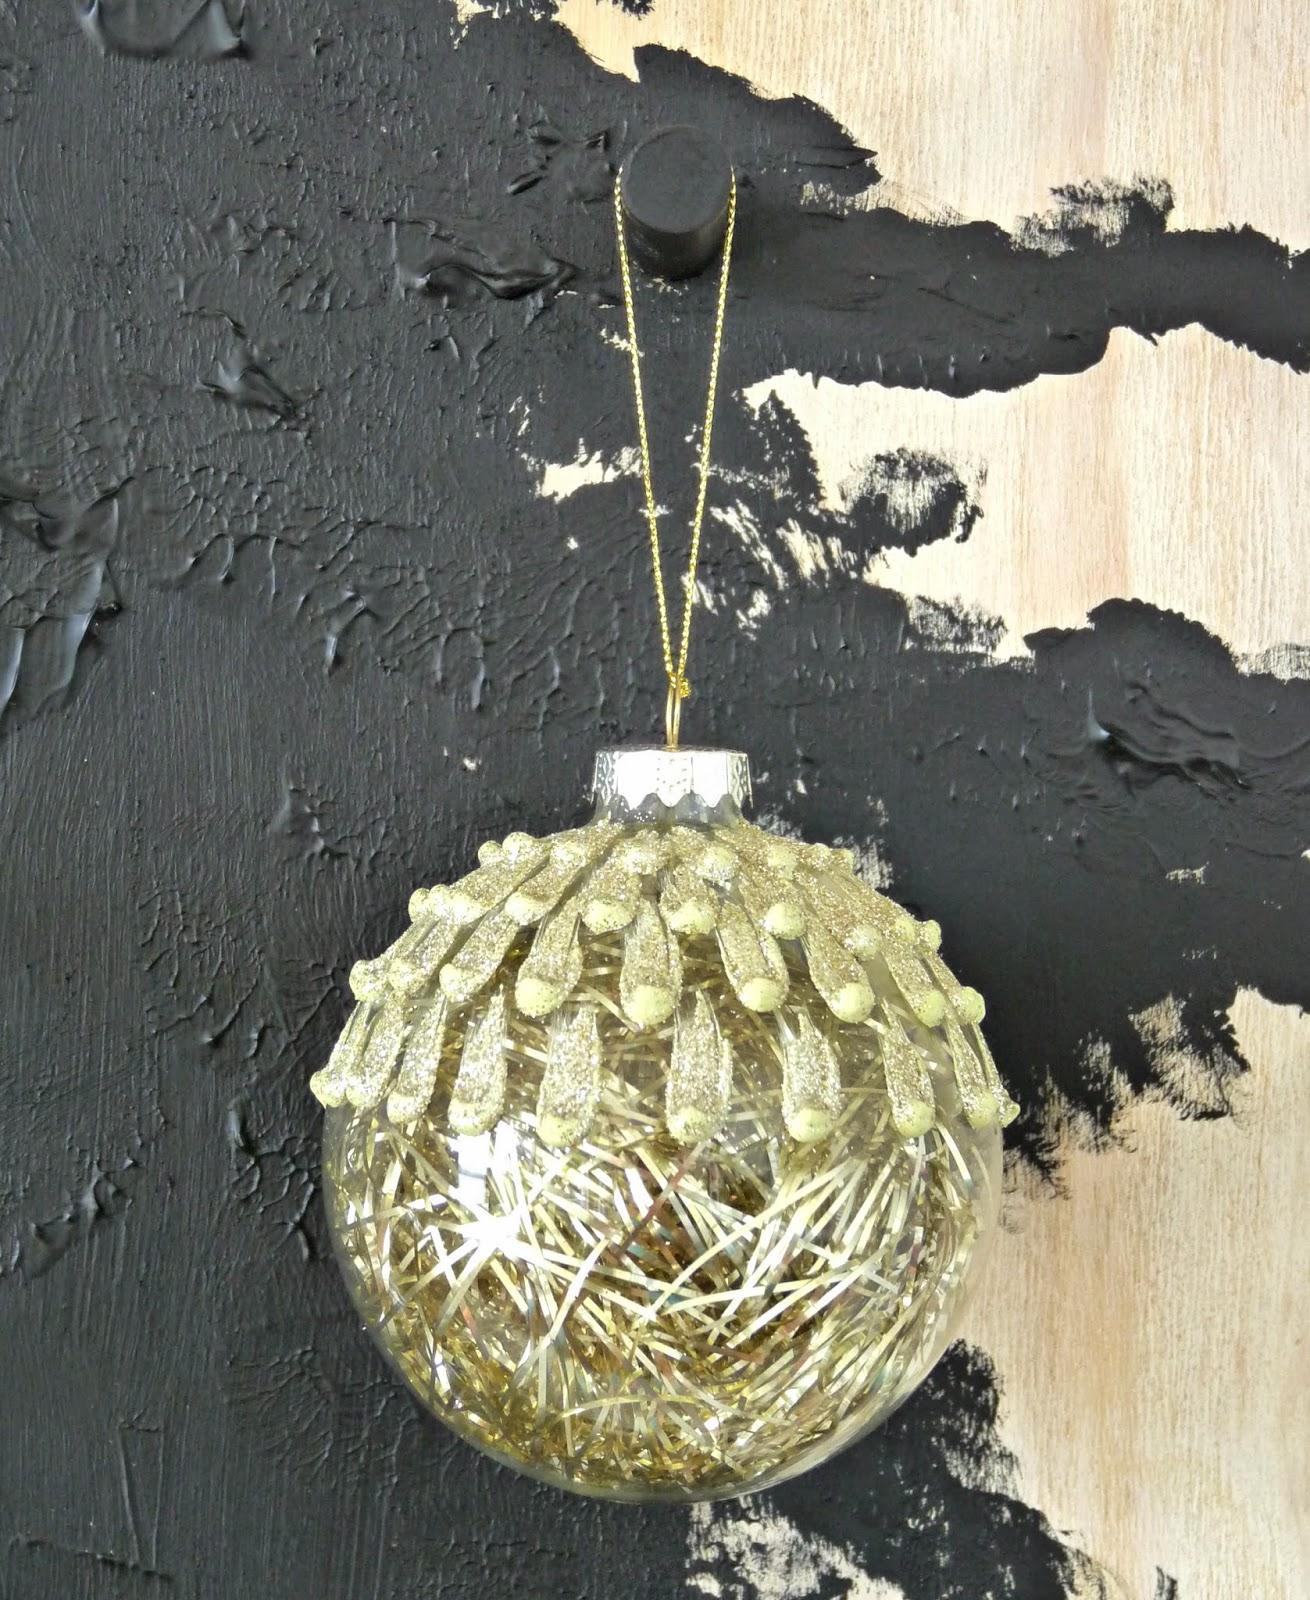 Unique ornament display idea